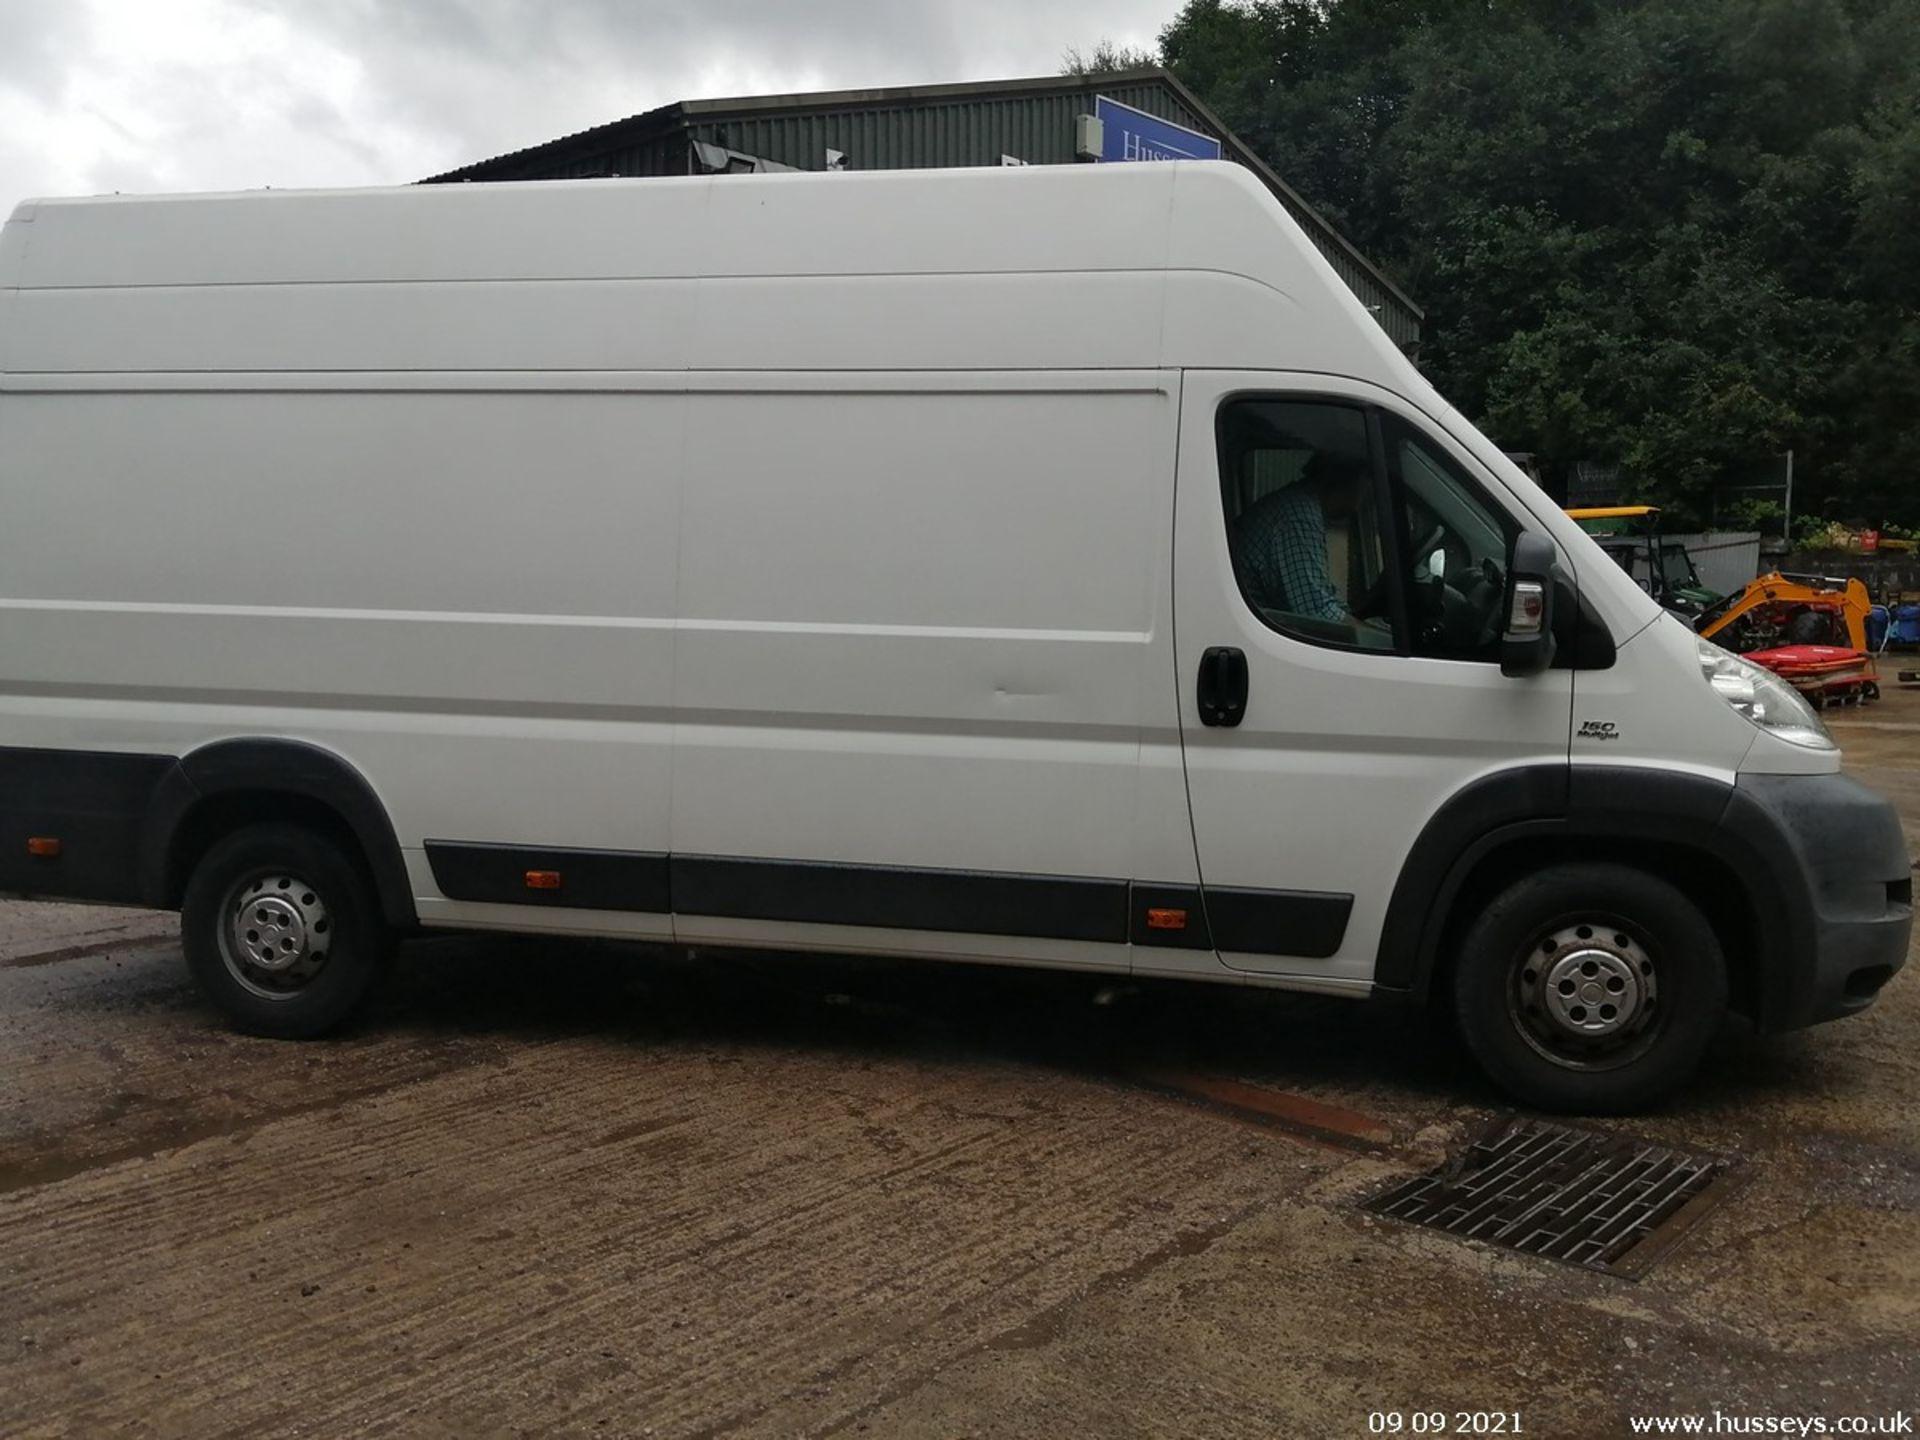 11/61 FIAT DUCATO 35 MAXI160 M-J LWB - 2999cc 5dr Van (White, 108k) - Image 4 of 12